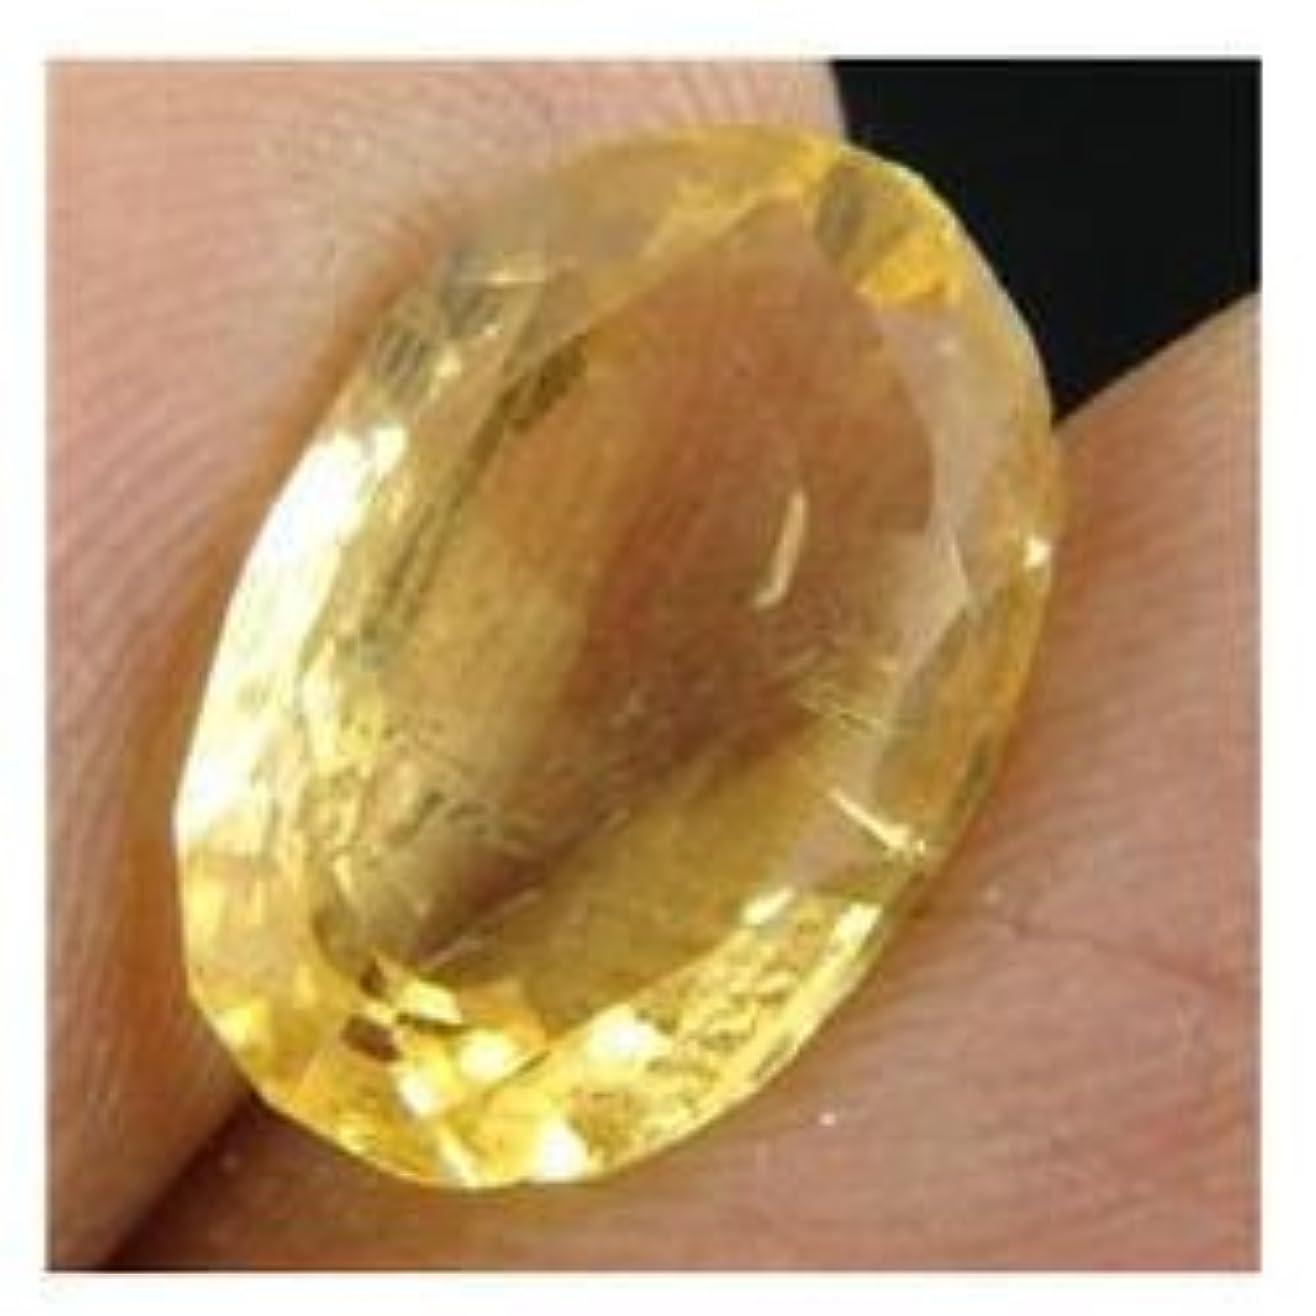 不確実結果として略奪sunela石元認定天然シトリン原石5.9カラットby gemselect